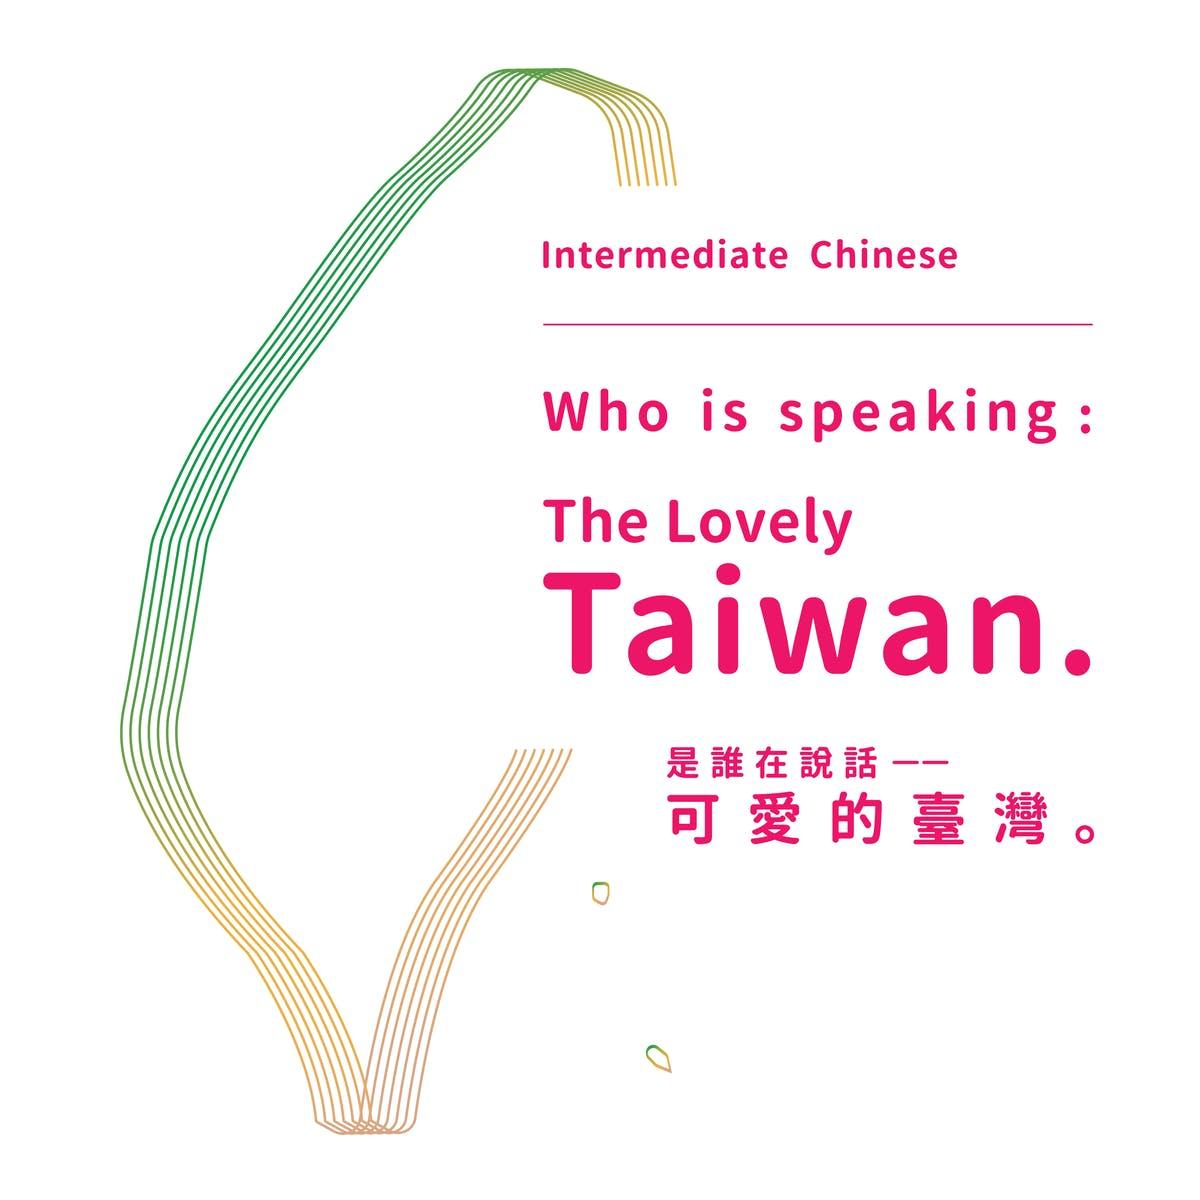 是誰在說話 -- 可愛的臺灣。(Intermediate Chinese)